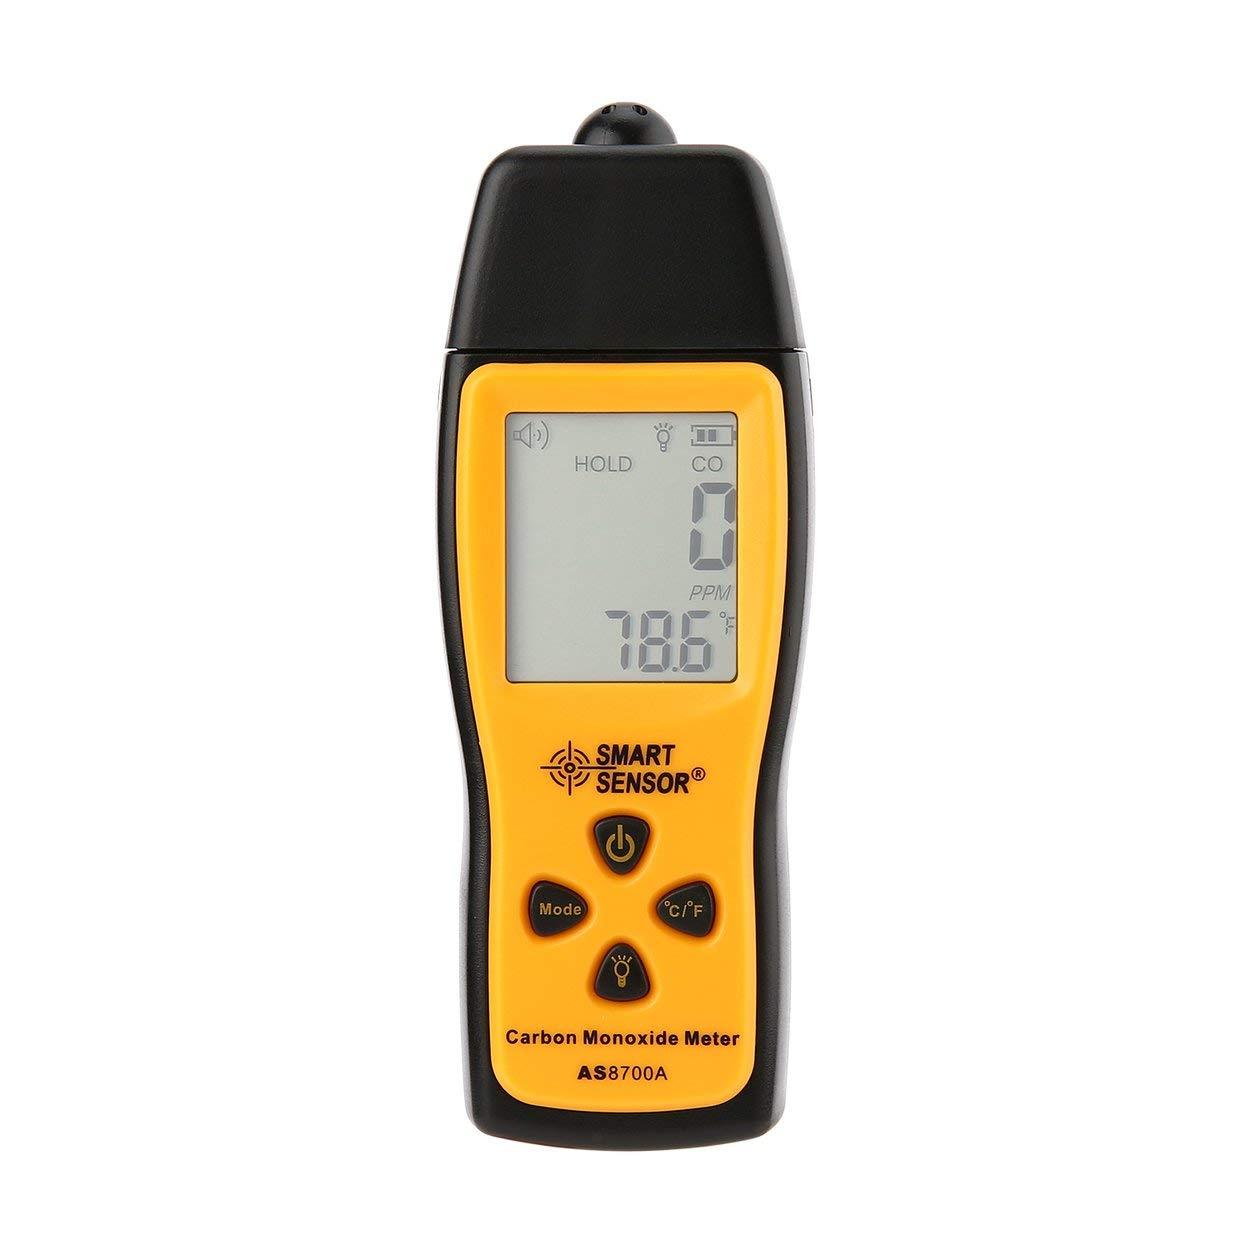 Losenlli Medidor de Monóxido de Carbono de Mano Portátil CO Detector de Fugas de Gas Analizador de Gas Detector de Alta Precisión Monitor de Gas Probador ...